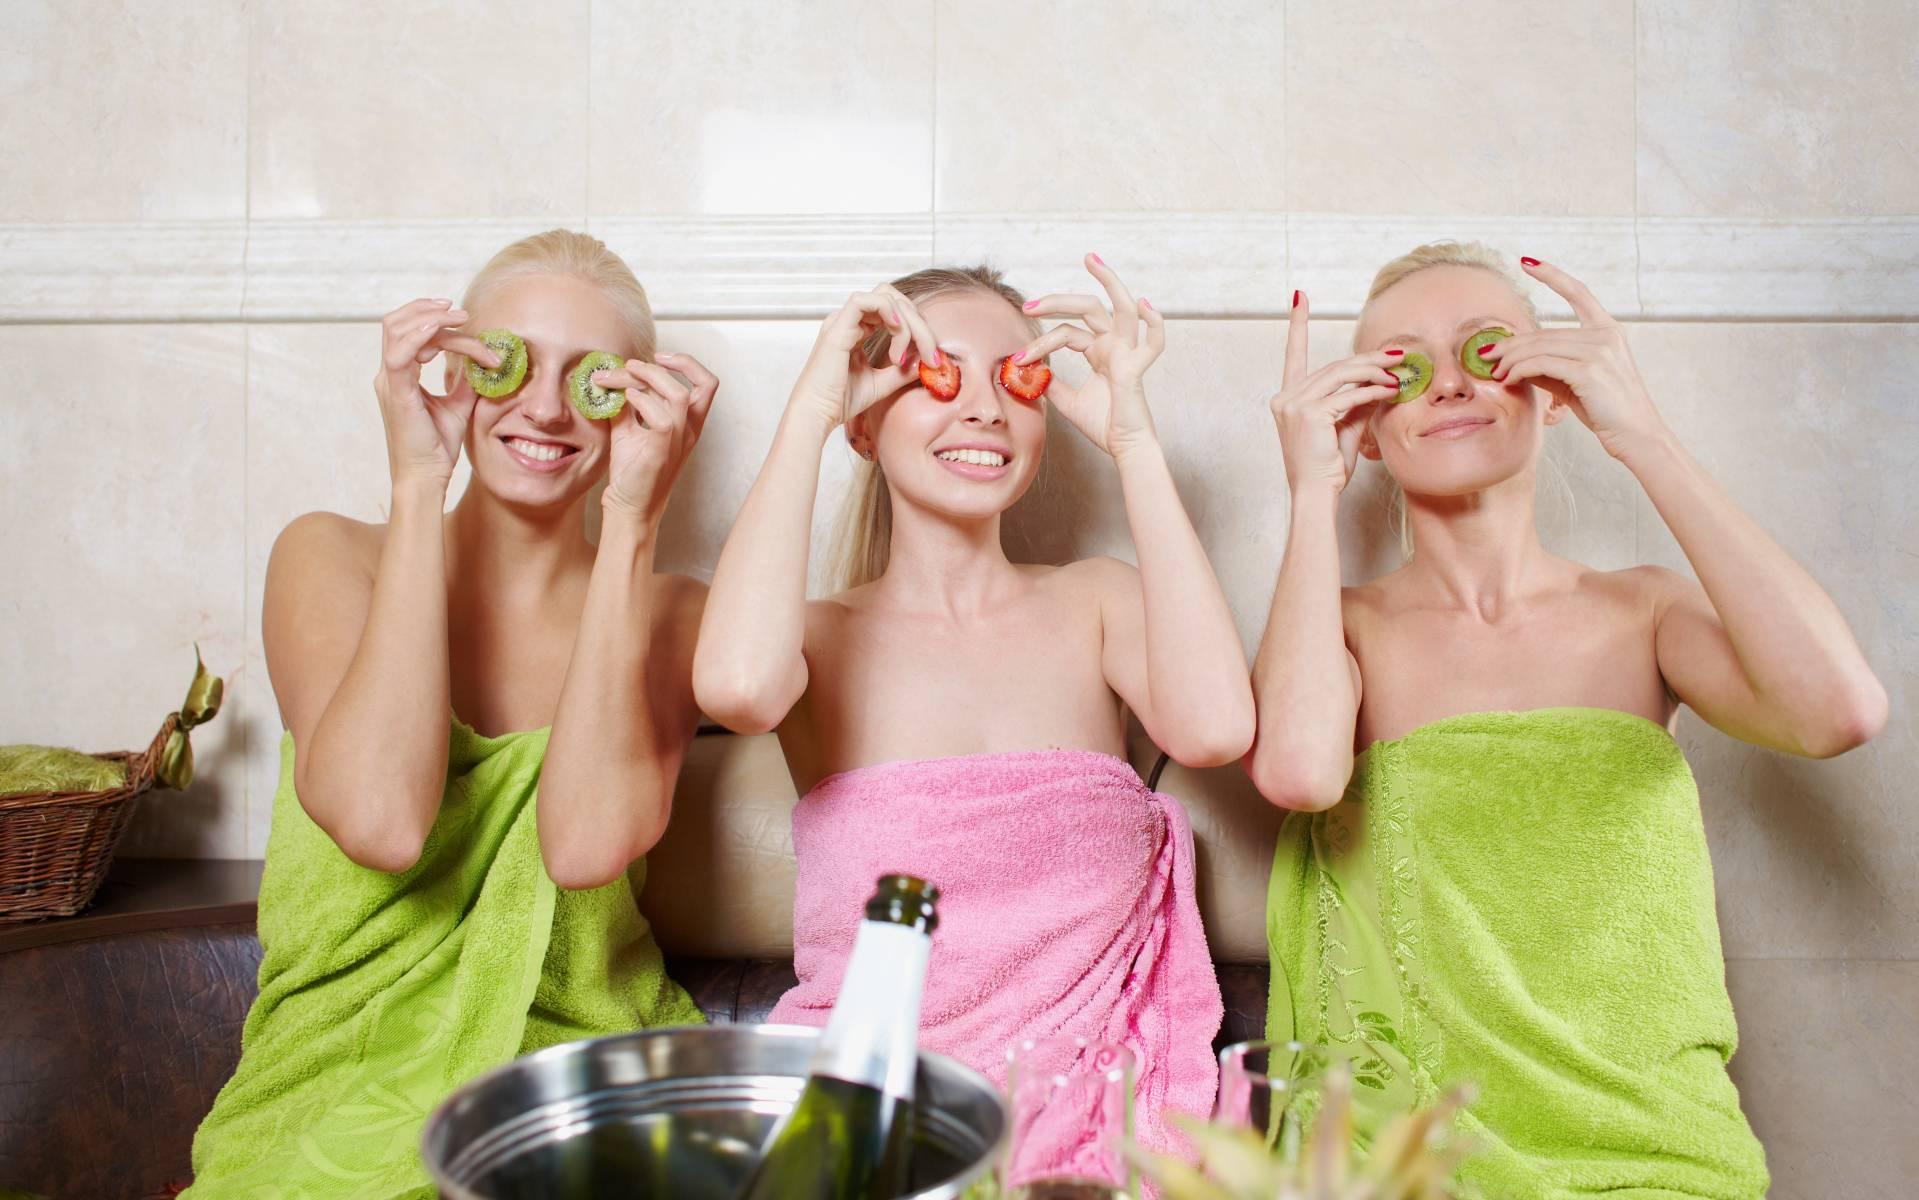 naised-saunas